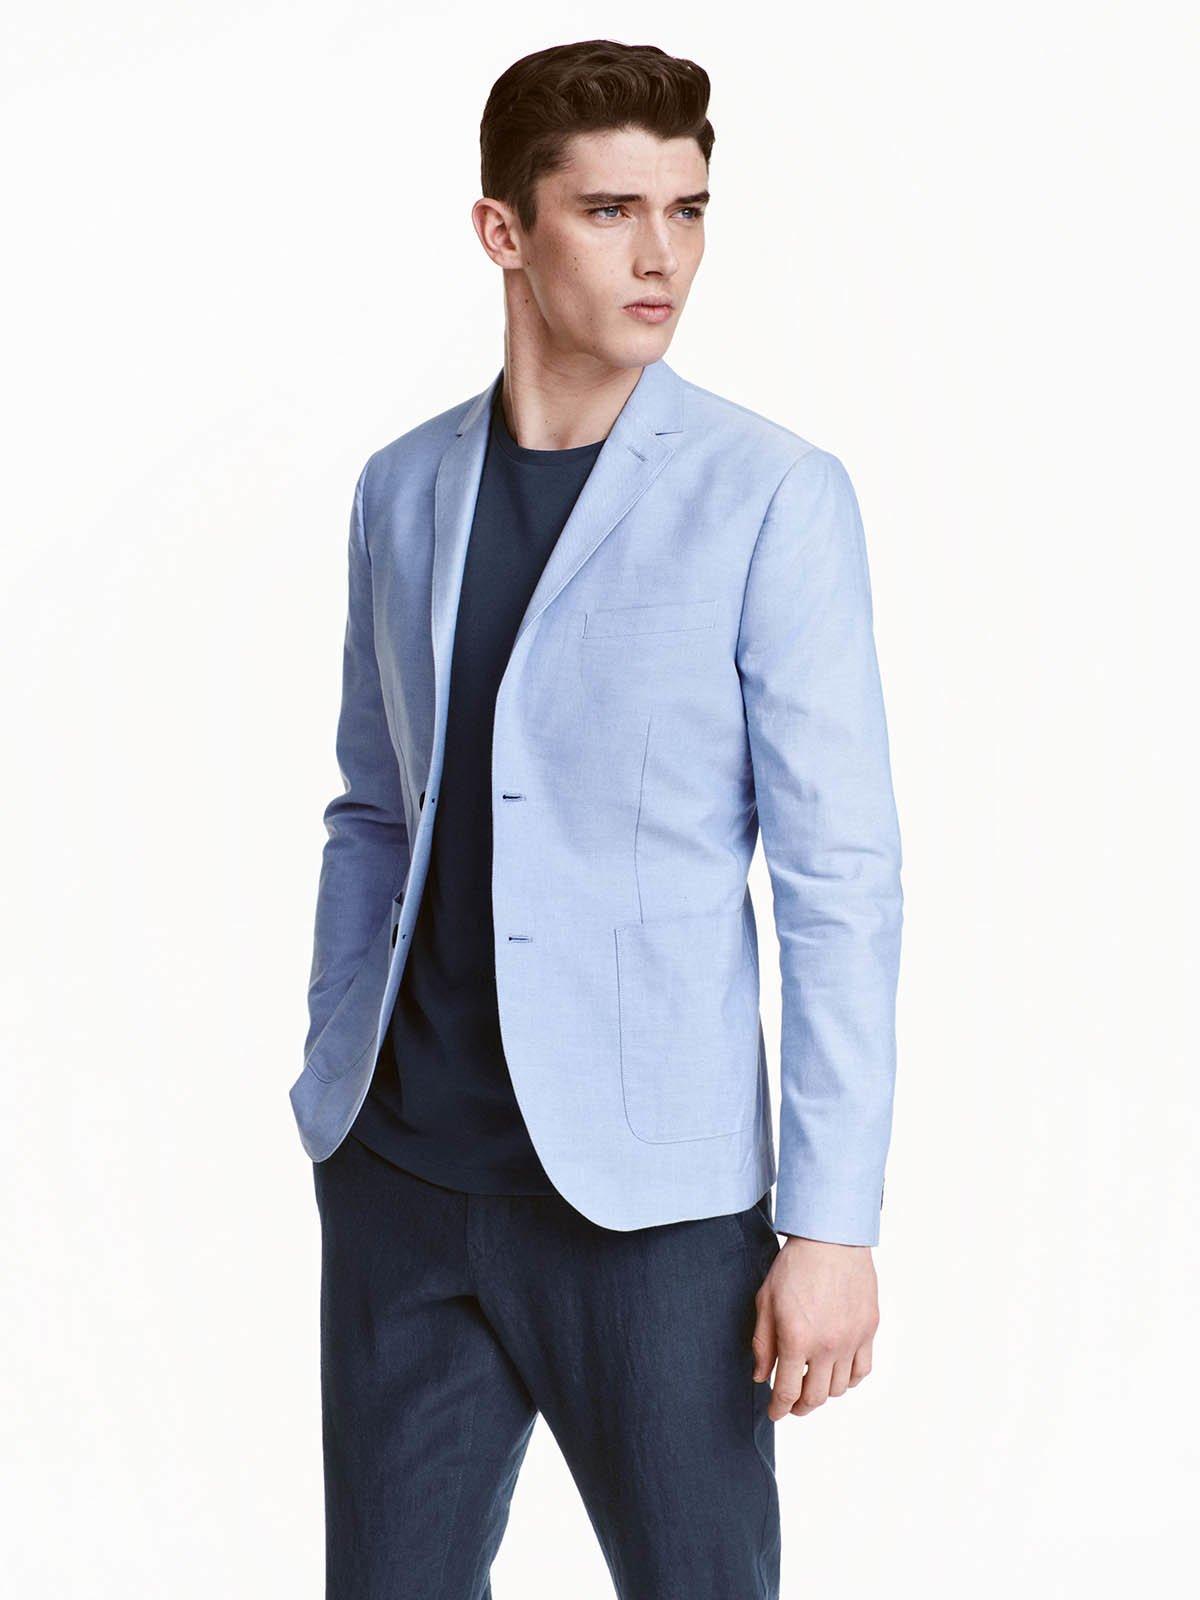 чем отличаются пиджаки